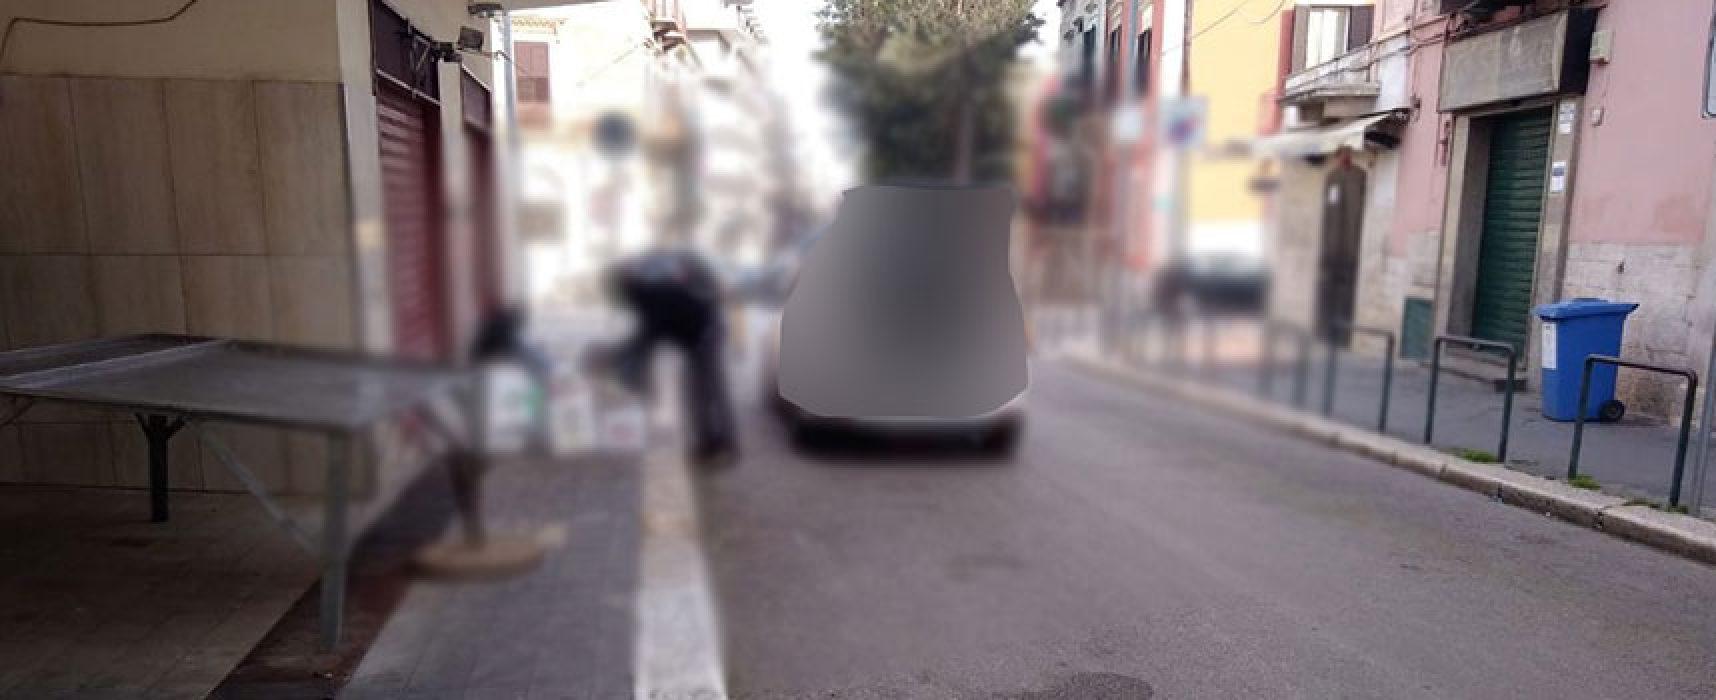 Controlli in città: denuncia a commerciante, multato cittadino per rifiuti in strada